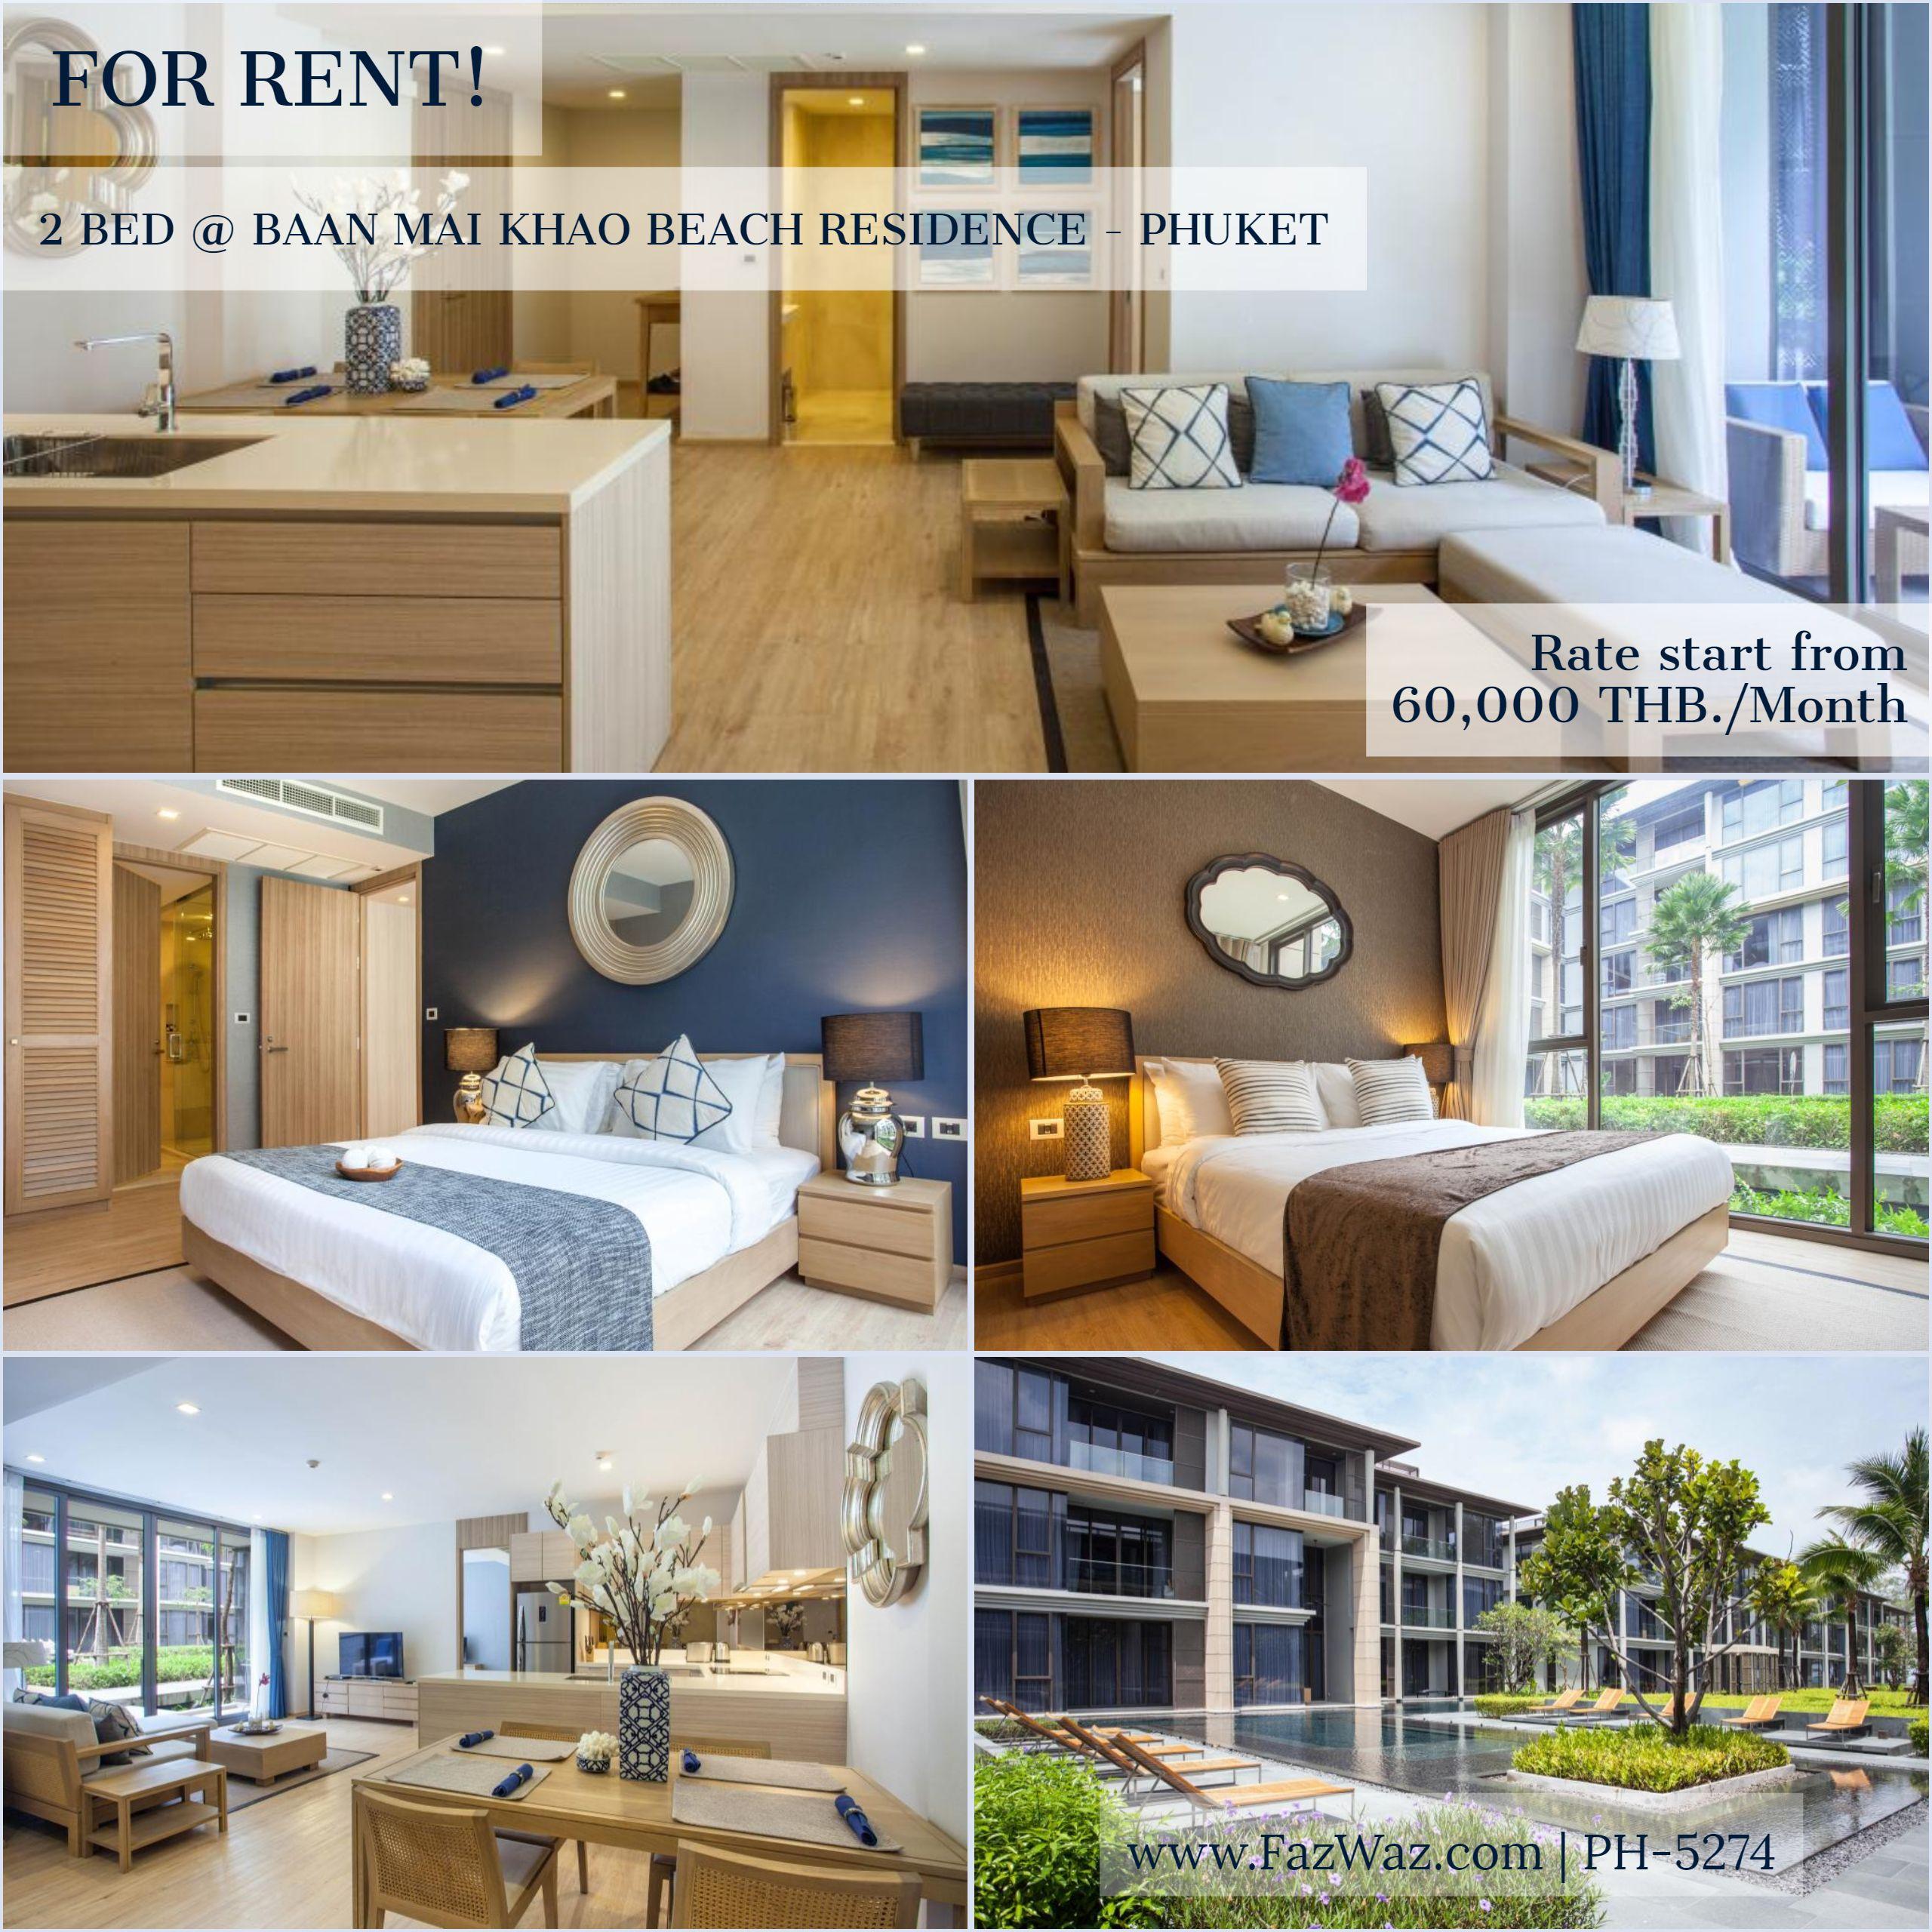 Modern 2 Bedroom Apartment For Rent In Phuket Apartments For Rent 2 Bedroom Apartment Apartment